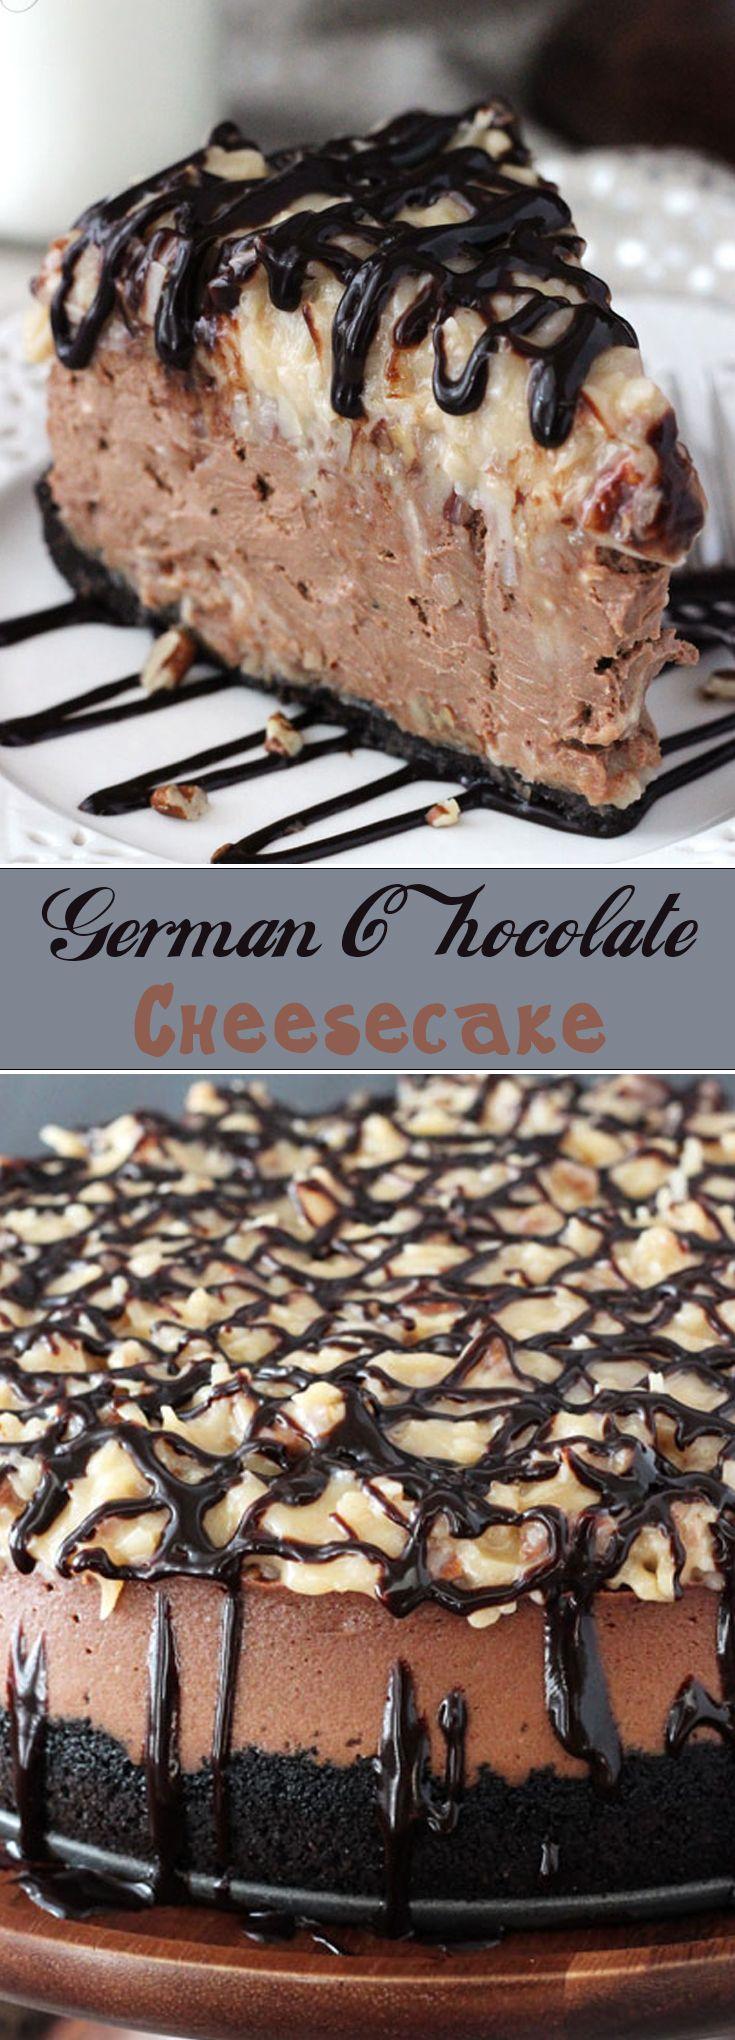 Top 25+ best German chocolate ideas on Pinterest | German ...